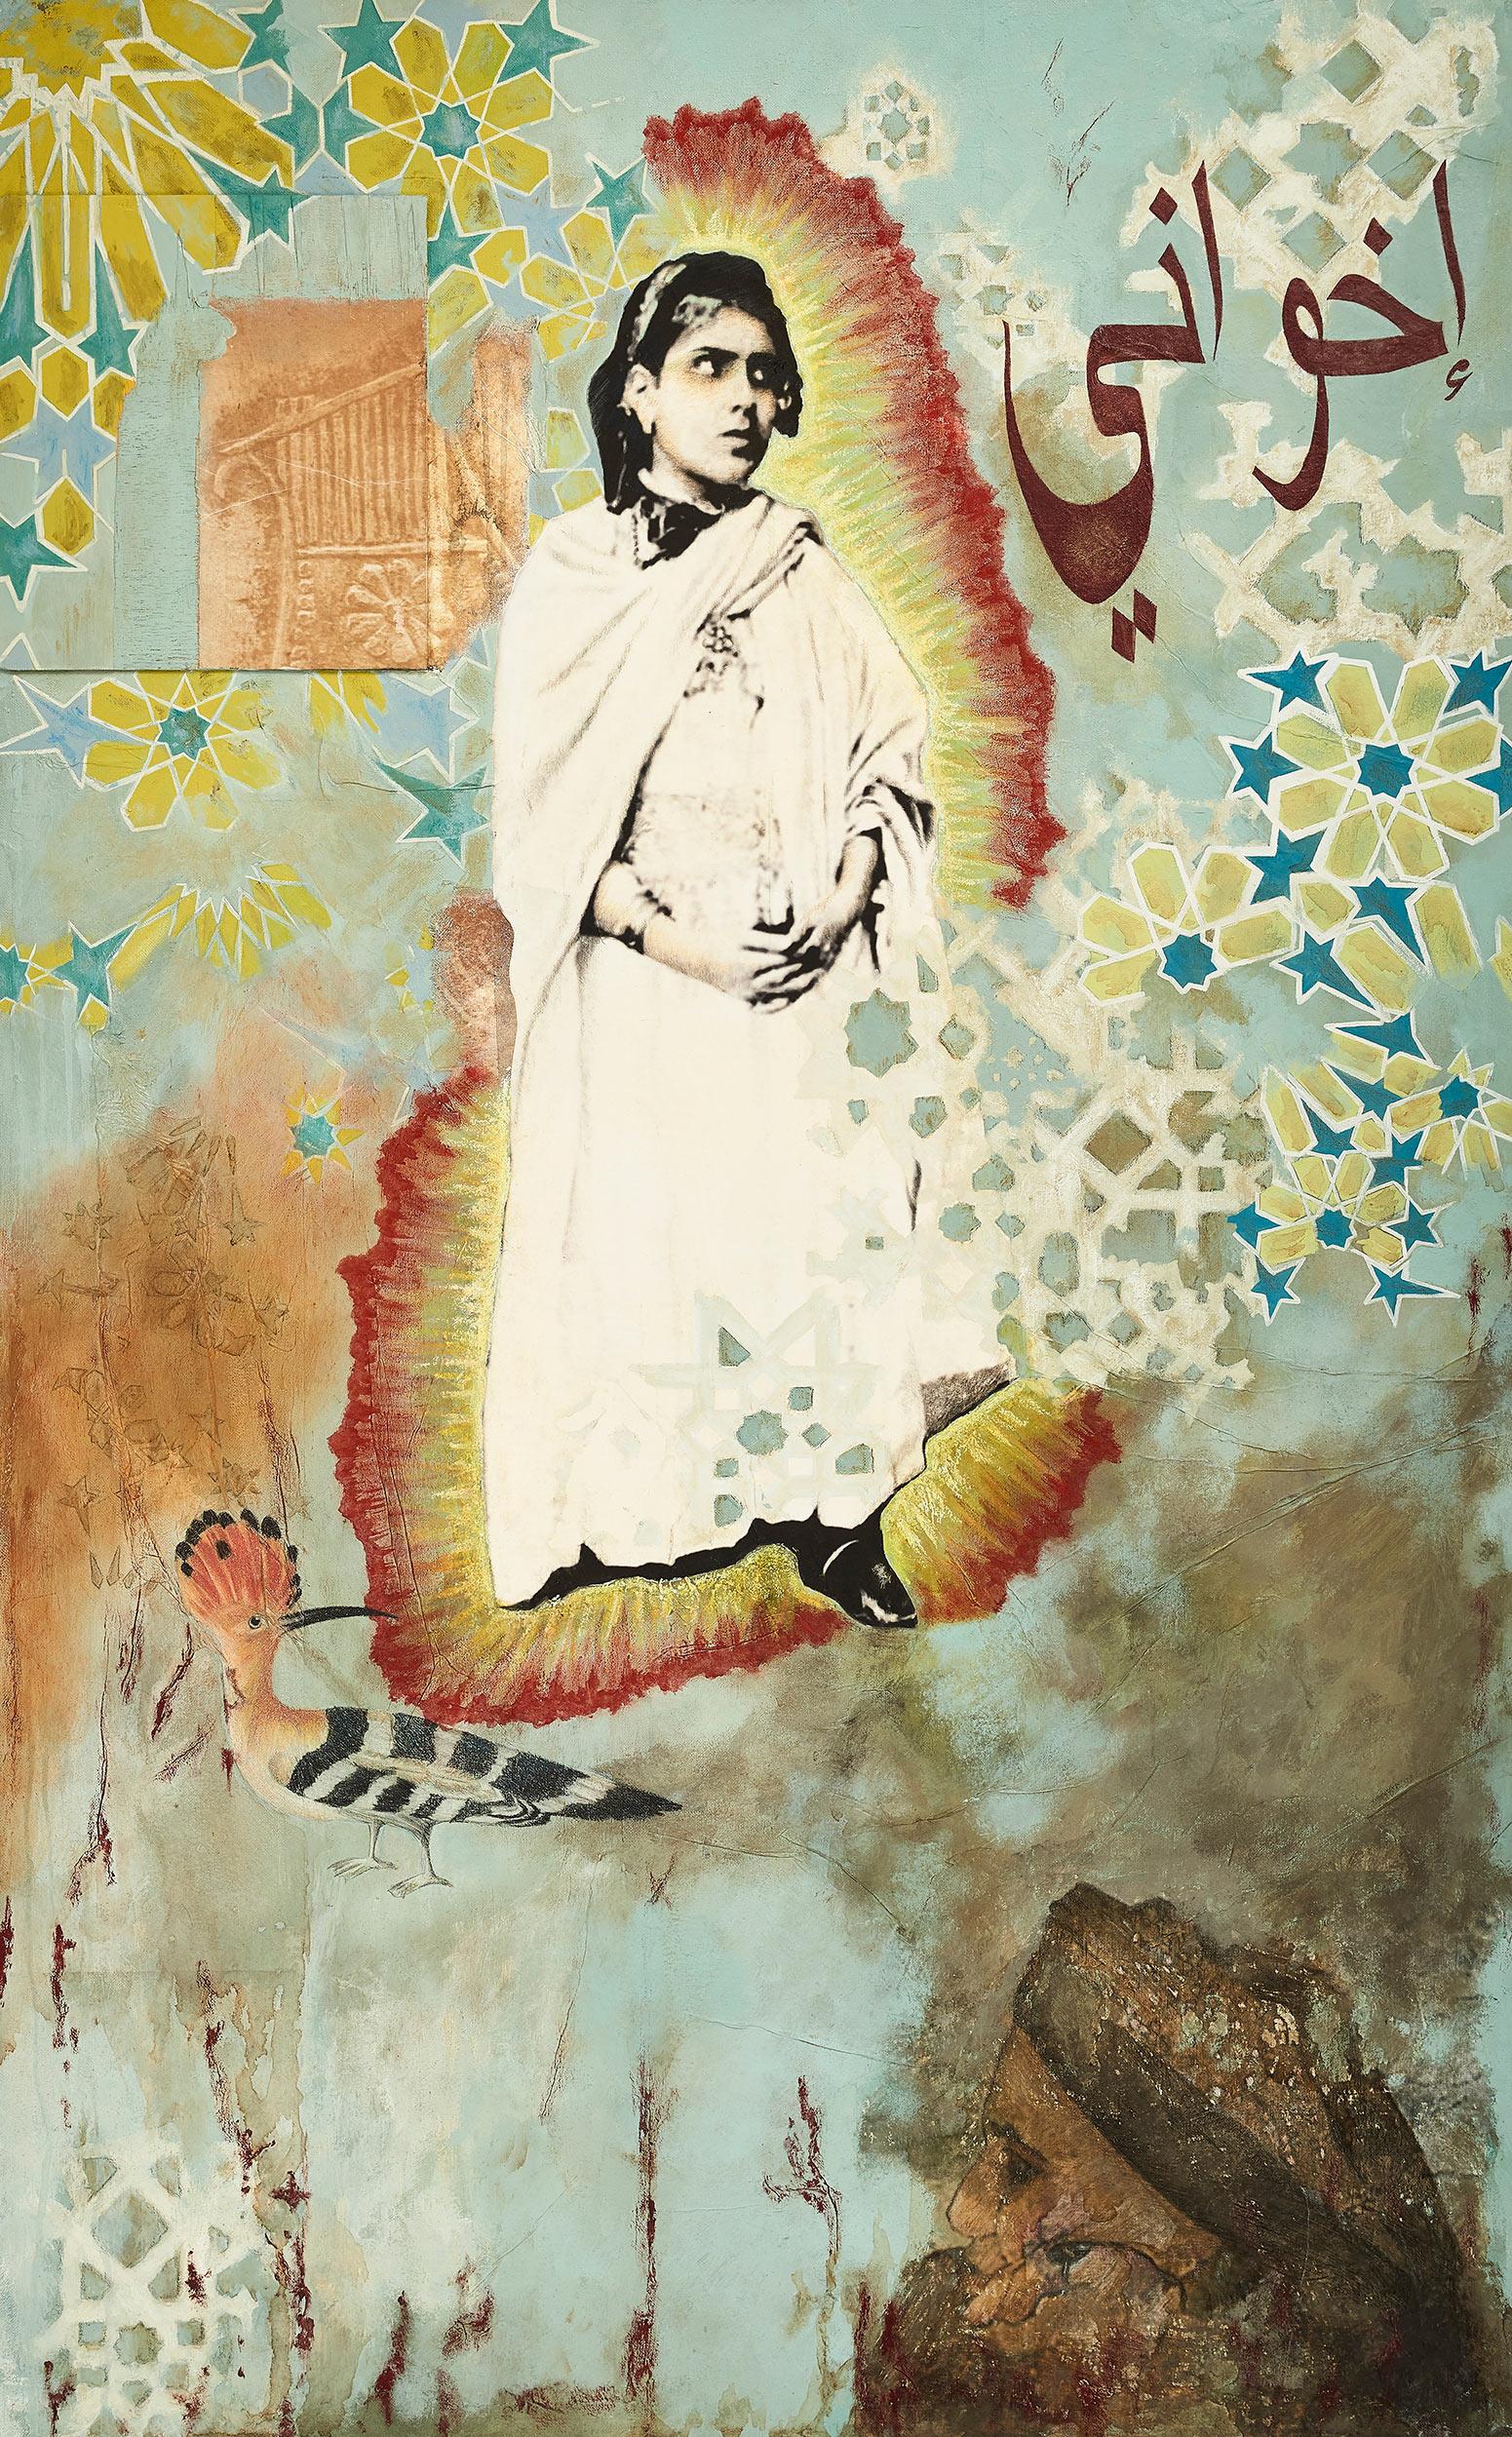 Tunisiana in Little Yemen  2014-15 Acrylic, mixed medium on canvas 130x90 cm